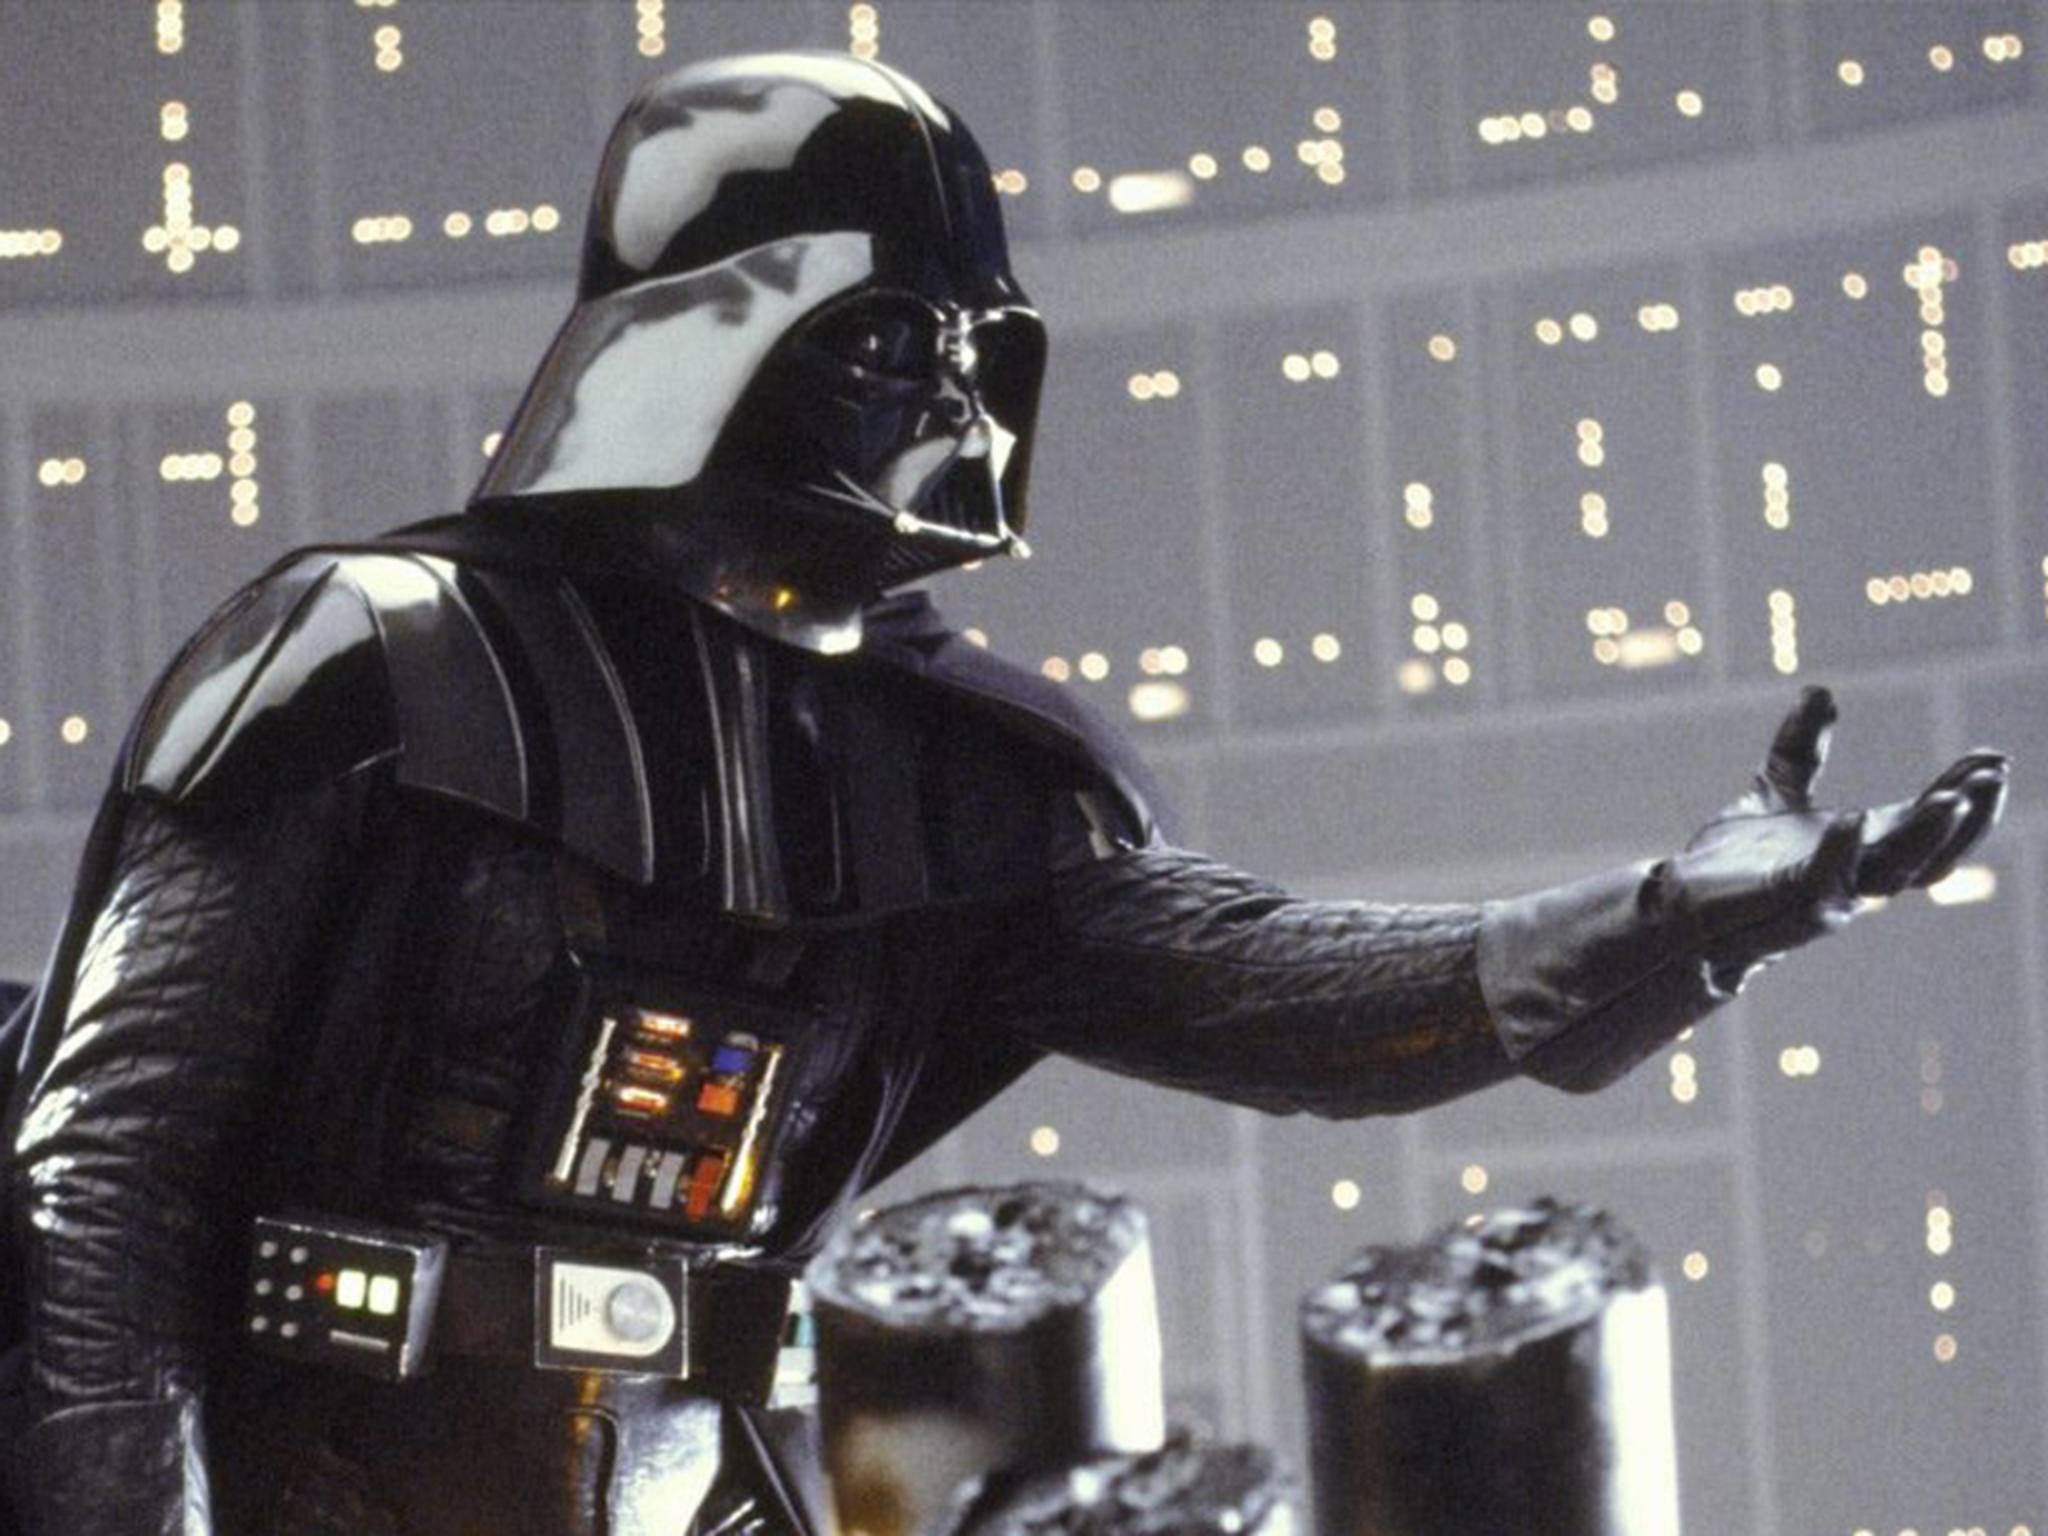 Mal Hand aufs Herz: Darth Vader hat auch seine netten Seiten, oder?